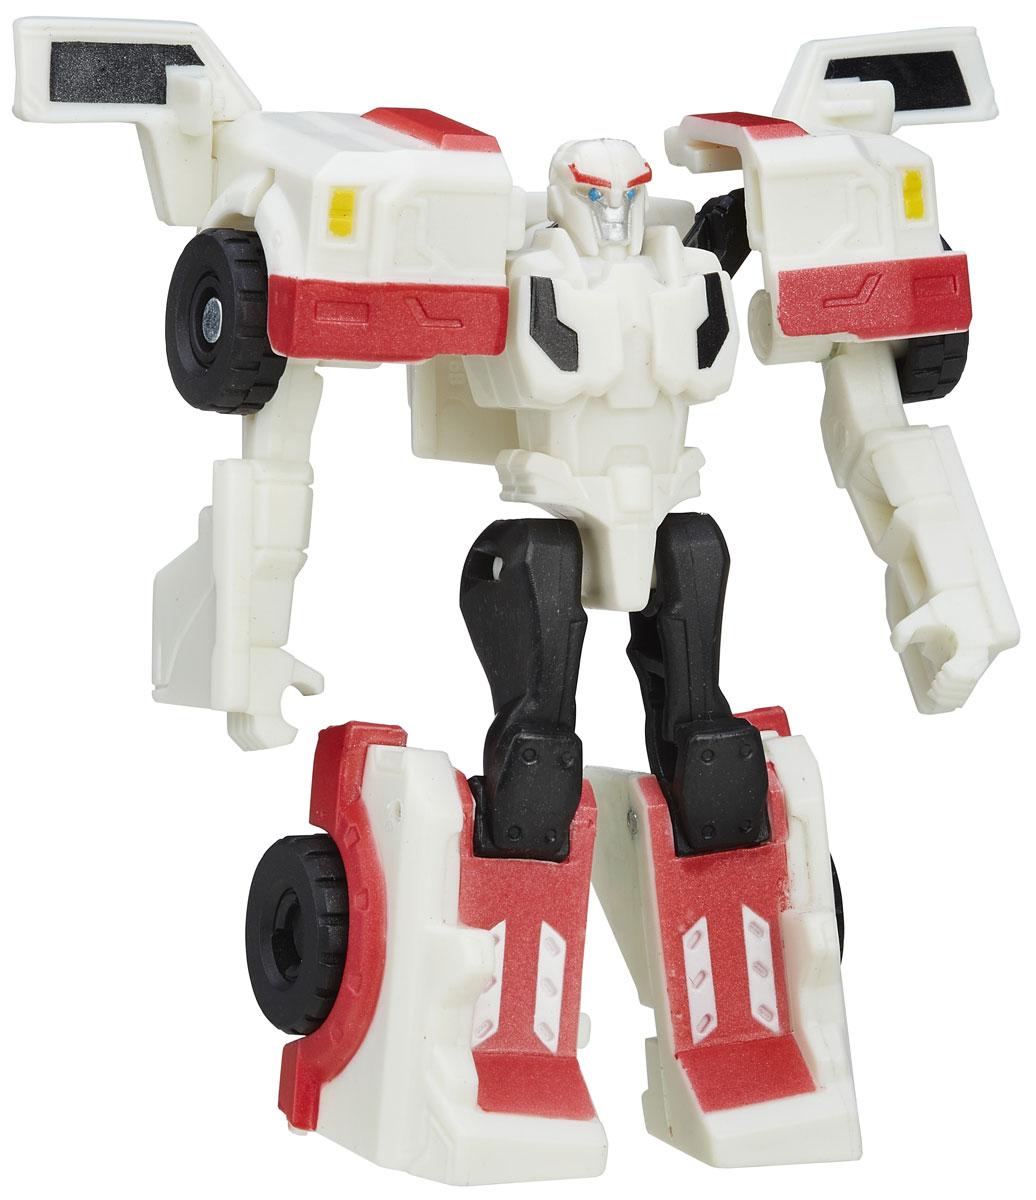 Transformers Трансформер Autobot RatchetB0065_B5594Трансформер Transformers Autobot Ratchet обязательно понравится всем маленьким поклонникам знаменитых Трансформеров! Фигурка выполнена из прочного пластика в виде трансформера Автобота Рэтчета. У Рэтчета натура двойственная. С одной стороны, он - один из самых лучших мастеров и самых квалифицированных врачей, какие только есть среди трансформеров, в любой ситуации готовый оказать медицинскую помощь тем, кто в ней нуждается. С другой стороны, Рэтчет - мастер словесных поединков, способный уболтать кого угодно. Он искренне убежден, что на свете нет недостижимых целей и непреодолимых препятствий, и эта вера в себя (и в других тоже) помогает ему добиваться поразительных успехов. В несколько простых шагов малыш сможет трансформировать фигурку робота в боевую машину. Фигурка отличается высокой степенью детализации. Ребенок с удовольствием будет играть с трансформером, придумывая различные истории. Порадуйте его таким замечательным подарком!